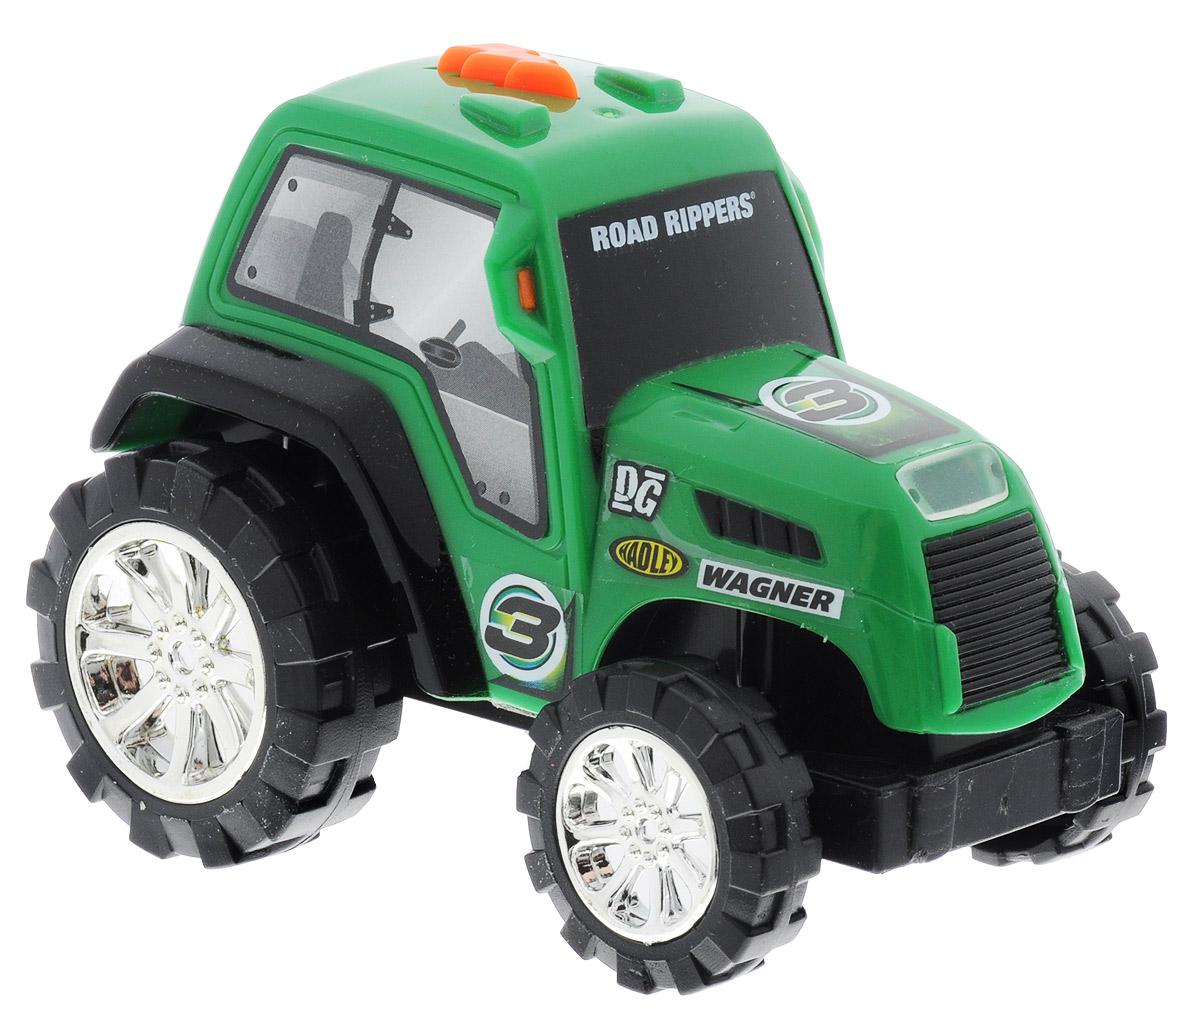 Toystate Трактор Road Rippers Flash Rides33000TS_тракторМощный трактор Toystate Road Rippers: Flash Rides со звуковыми и световыми эффектами непременно понравится вашему ребенку и не позволит ему скучать. Игрушка выполнена в виде гоночного трактора. При нажатии на кнопку, расположенную на крыше, светится фара, воспроизводятся звуки двигателя, клаксона и играет музыка. Ваш ребенок часами будет играть с машинкой, придумывая различные истории и устраивая соревнования. Порадуйте его таким замечательным подарком! Для работы игрушки необходимы 2 батарейки типа AG13 (LR44) (товар комплектуется демонстрационными).